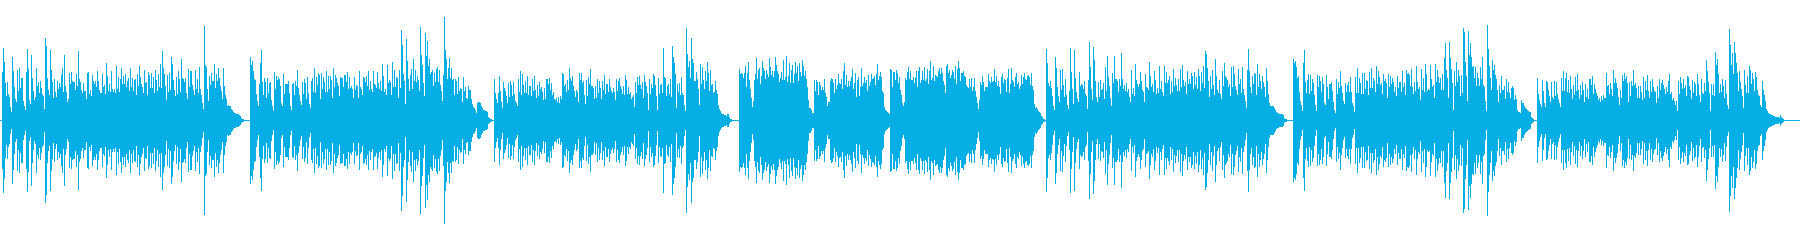 無伴奏チェロ組曲から。の再生済みの波形